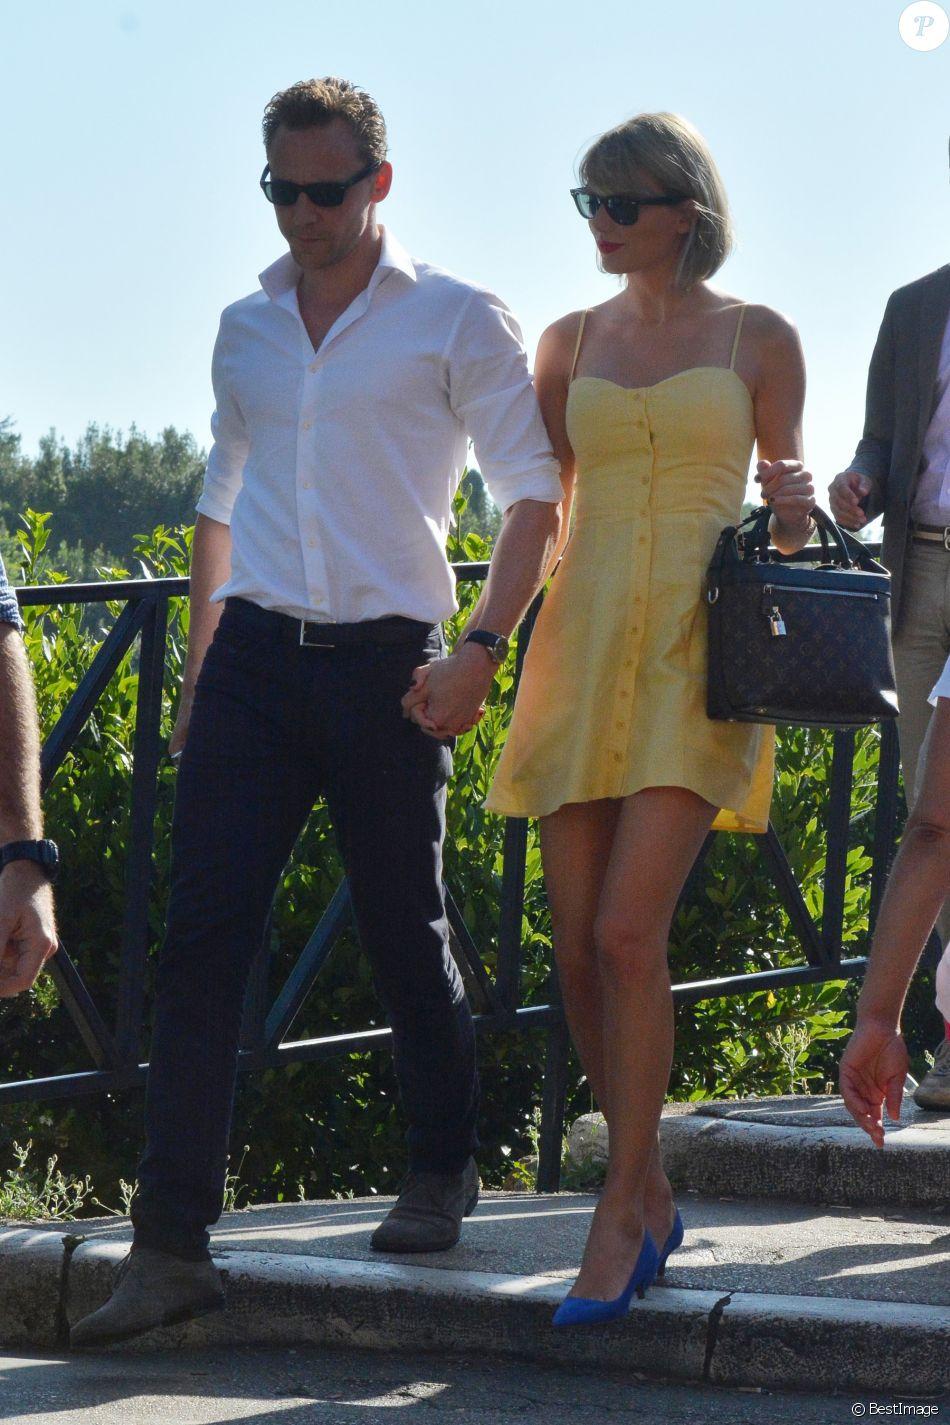 """Exclusif - Taylor Swift et son nouveau compagnon Tom Hiddleston passent des vacances romantiques à Rome. Le couple est allé déjeuner en amoureux et est allé visiter """"Le Colisée"""", immense amphithéâtre ovoïde situé dans le centre de la ville de Rome, entre l'Esquilin et le Caelius, le plus grand jamais construit dans l'empire. Le 27 juin 2016"""